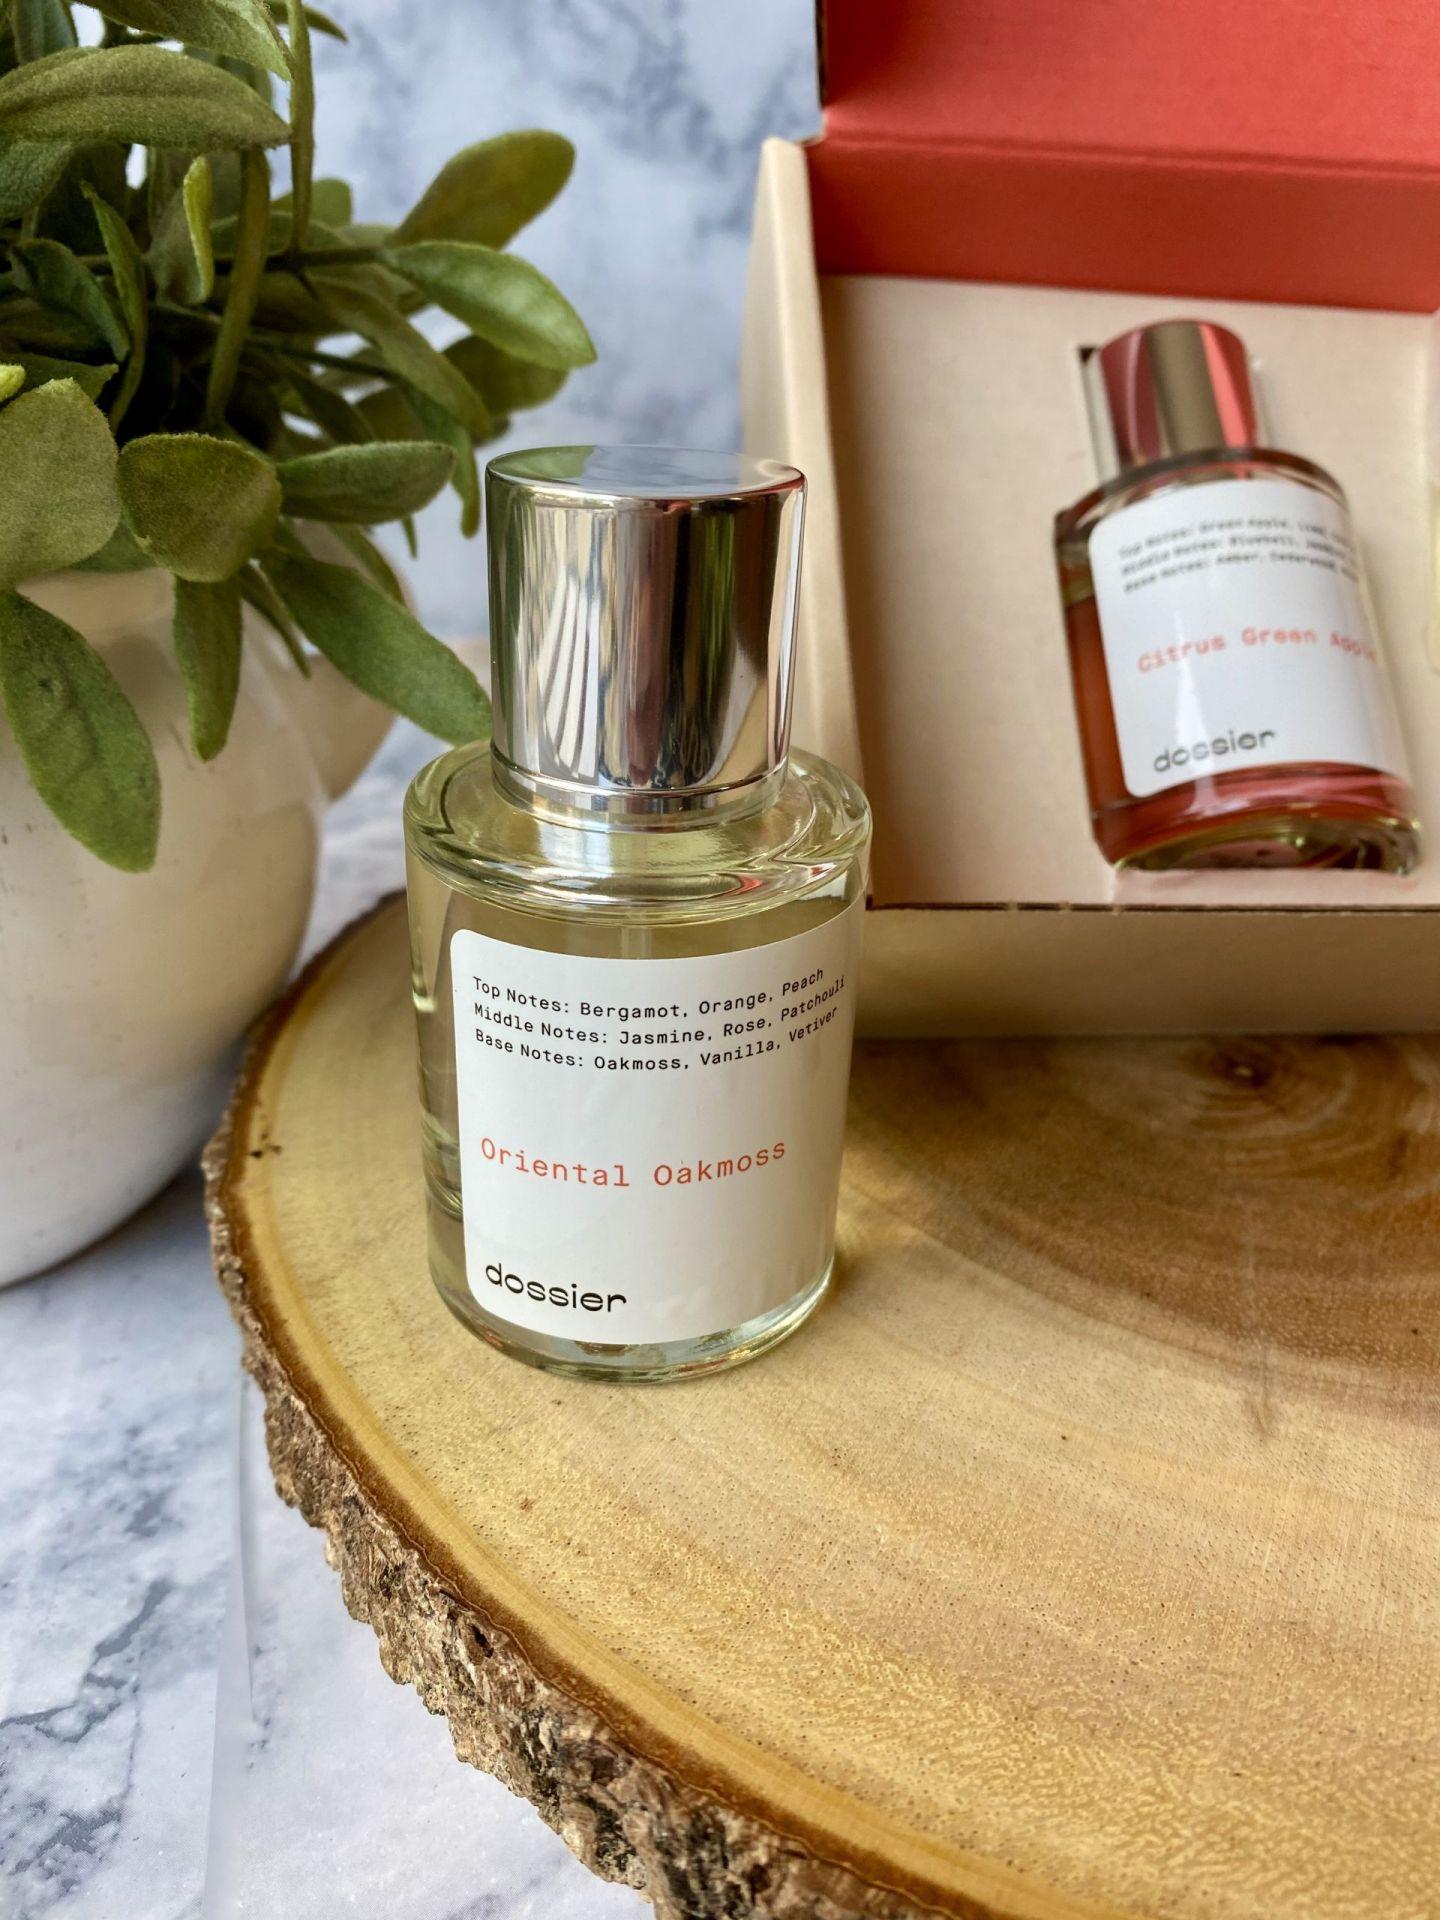 Dossier Fragrance